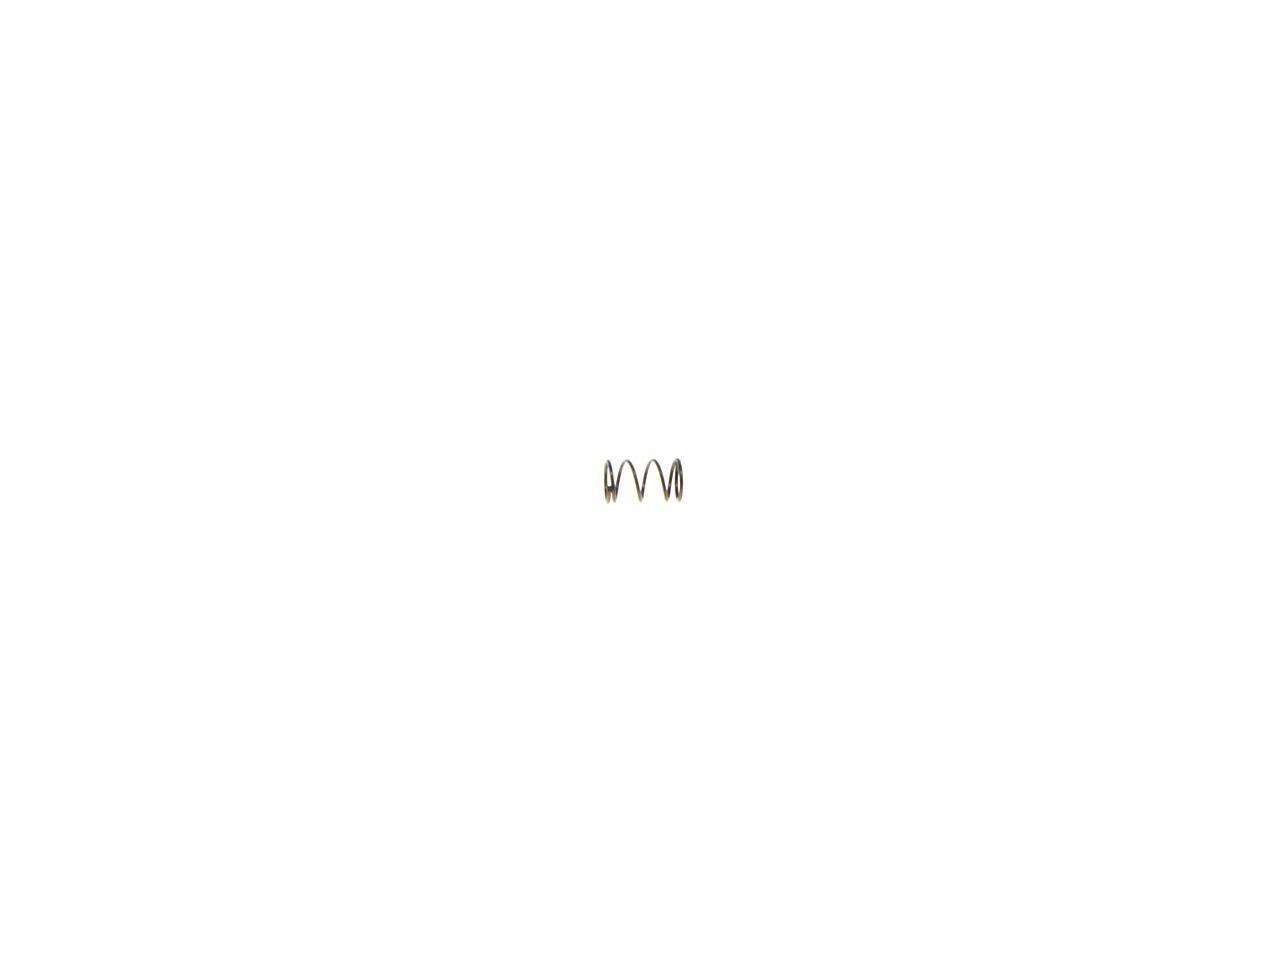 VFC HK416A5 GBBR/02-11 トリガーガードスプリング